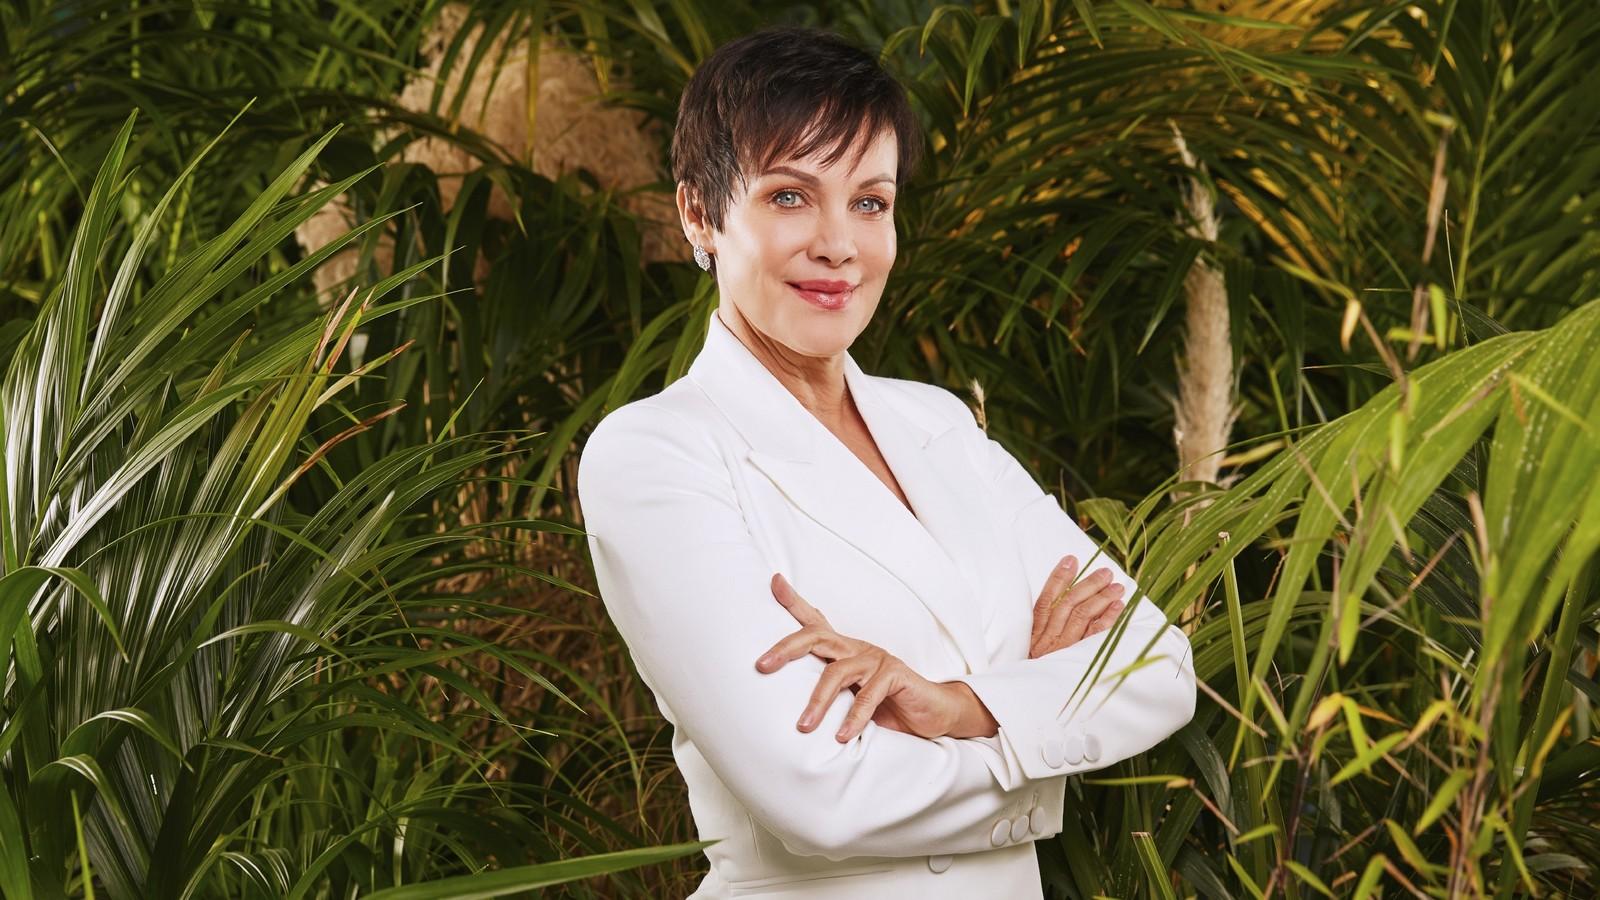 Dschungelcamp-Kandidatin Sonja Kirchberger